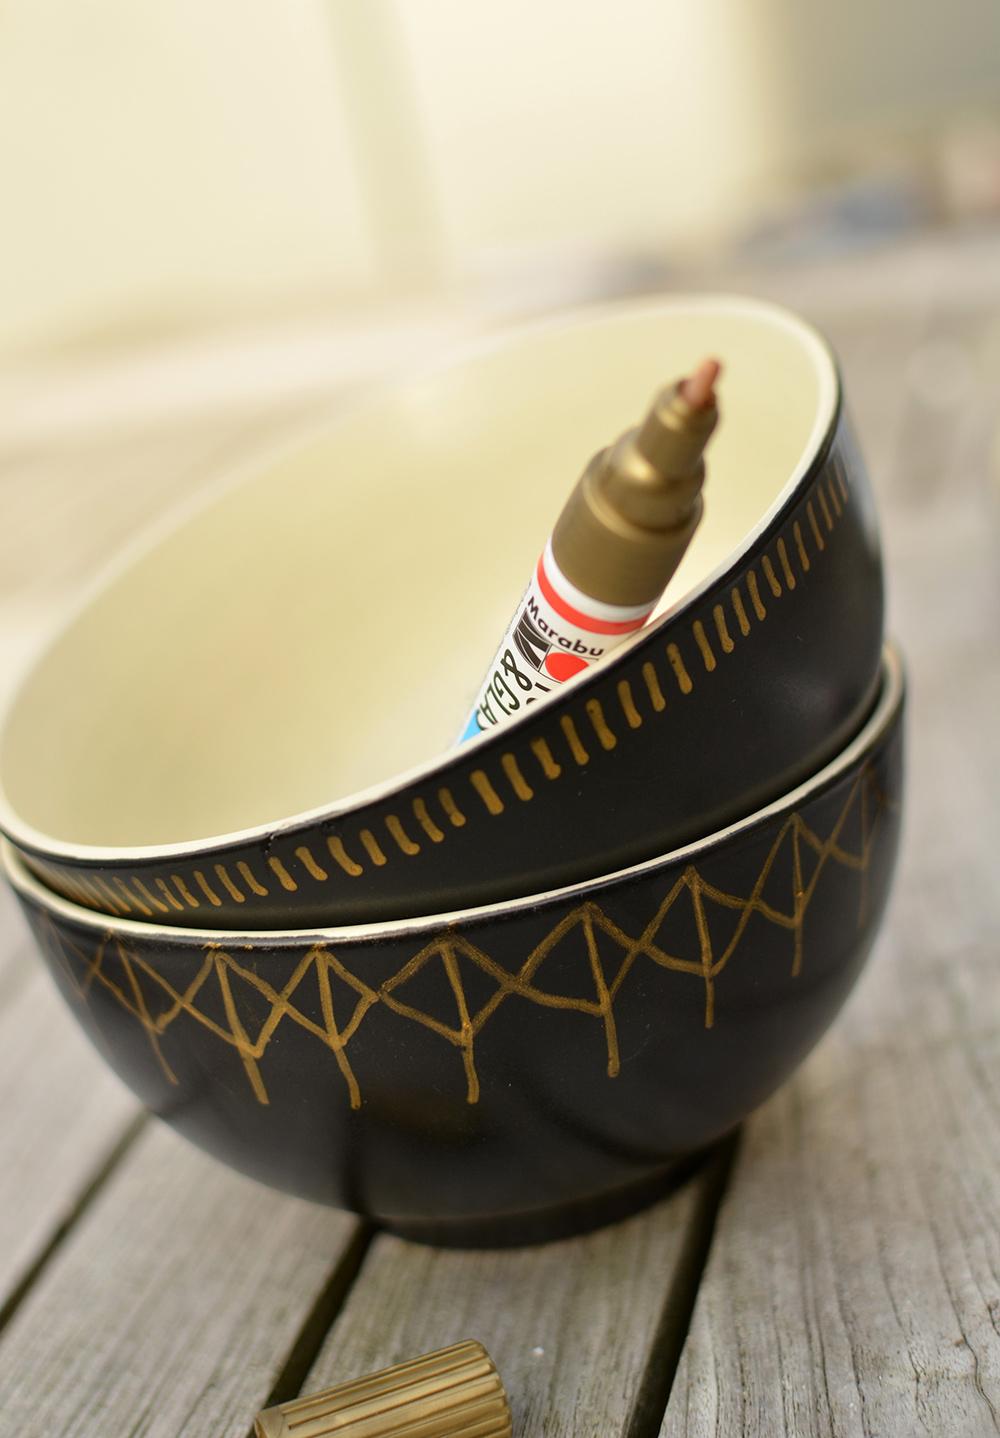 Keramik mit Porzellan-Paintern aufhübschen